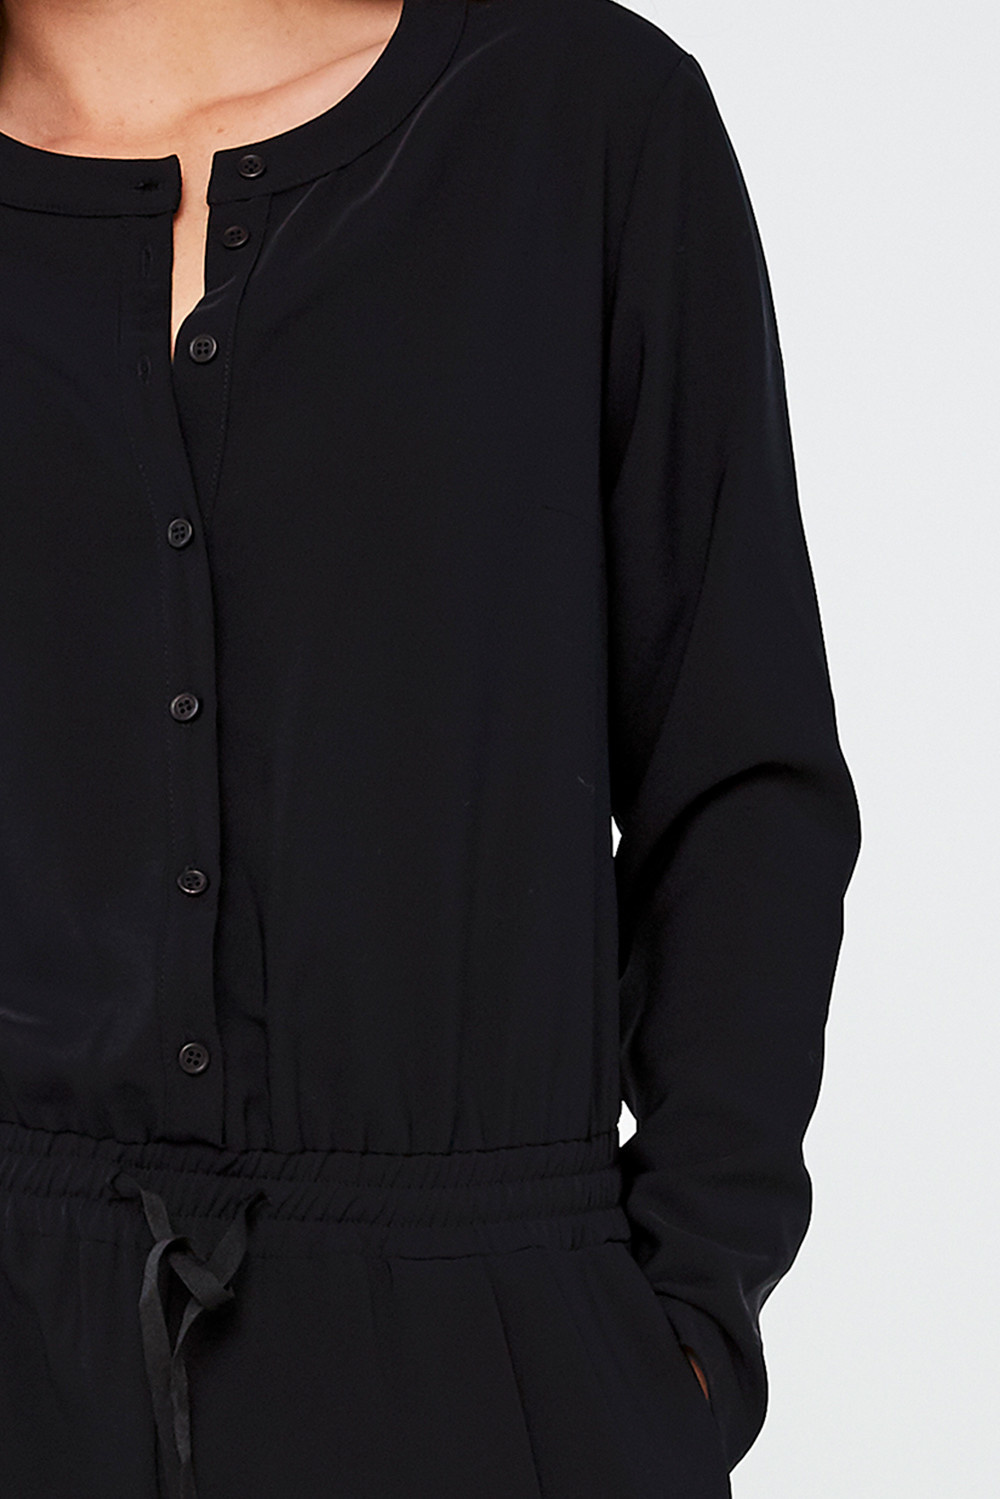 Jumpsuit Charlie black Noos-6